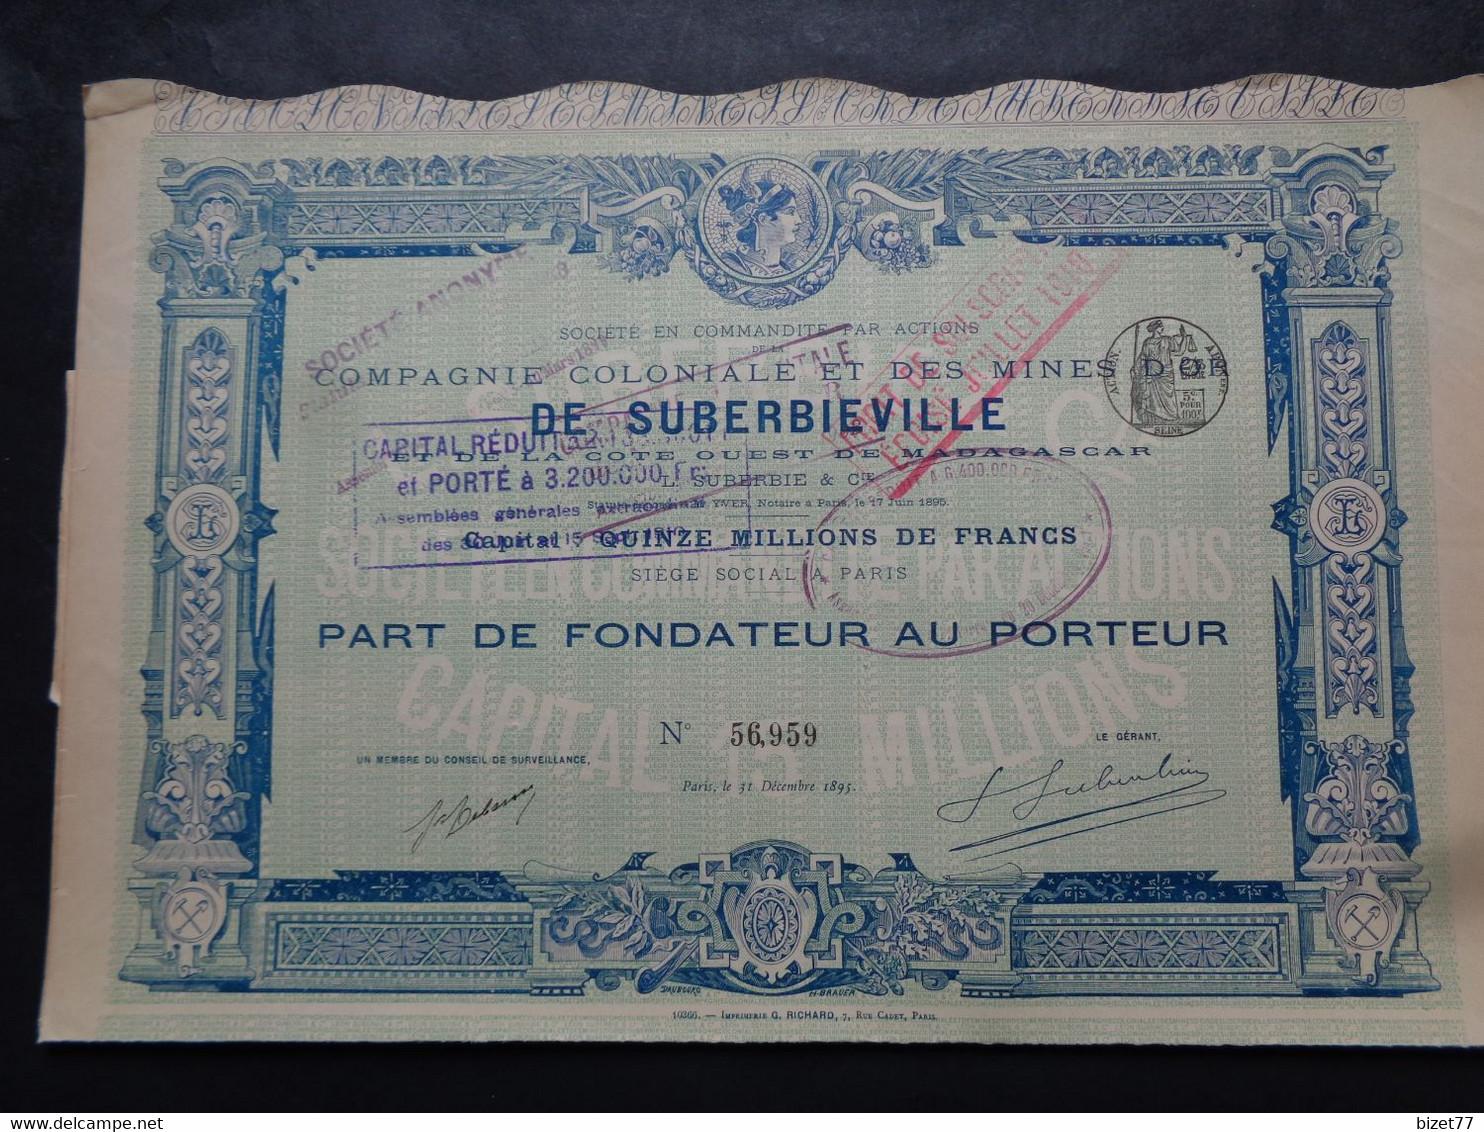 MADAGASCAR - CIE COLONIALE & DES MINES DE SUBERBIEVILLE - PART DE FONDATEUR - PARIS 1895 - IMPRIMERIE RICHARD - Non Classificati